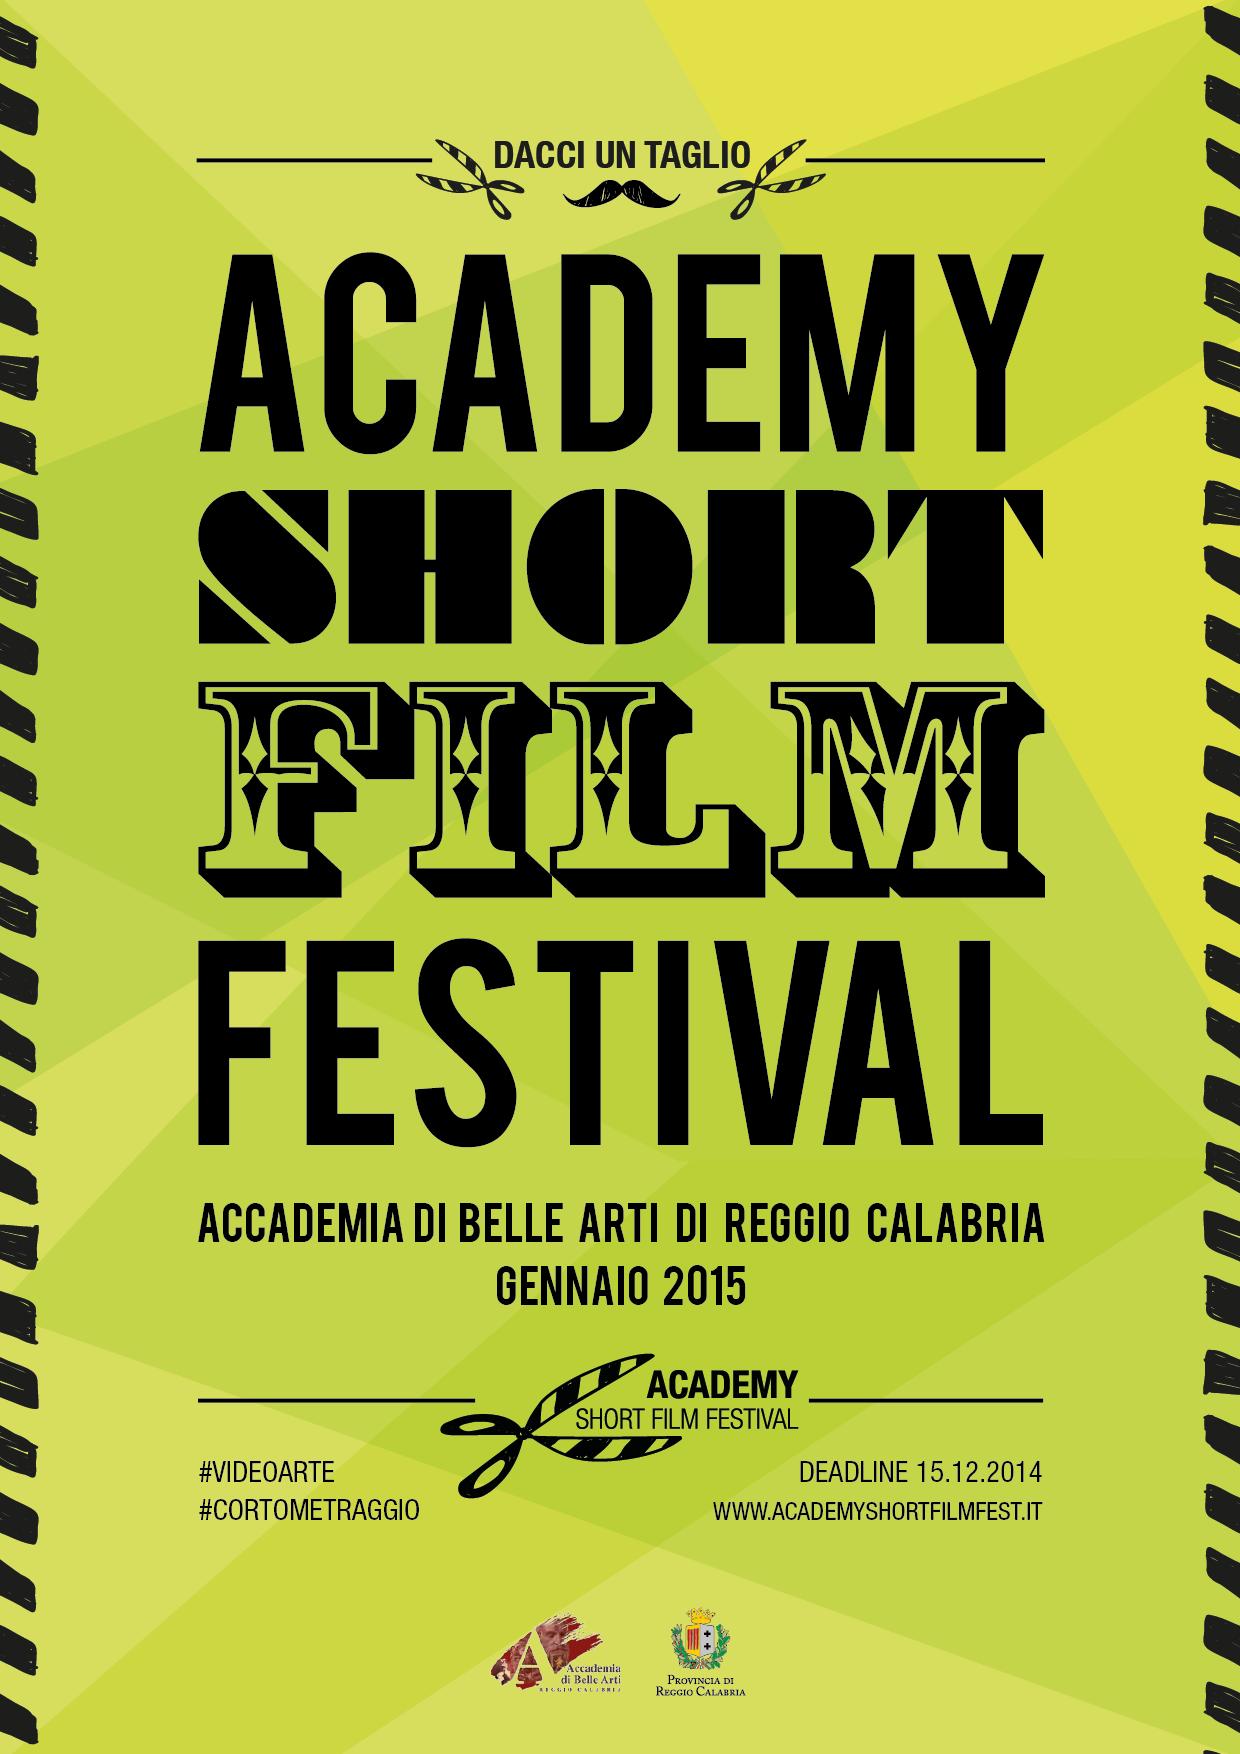 Academy Short Film Festival-cercabando